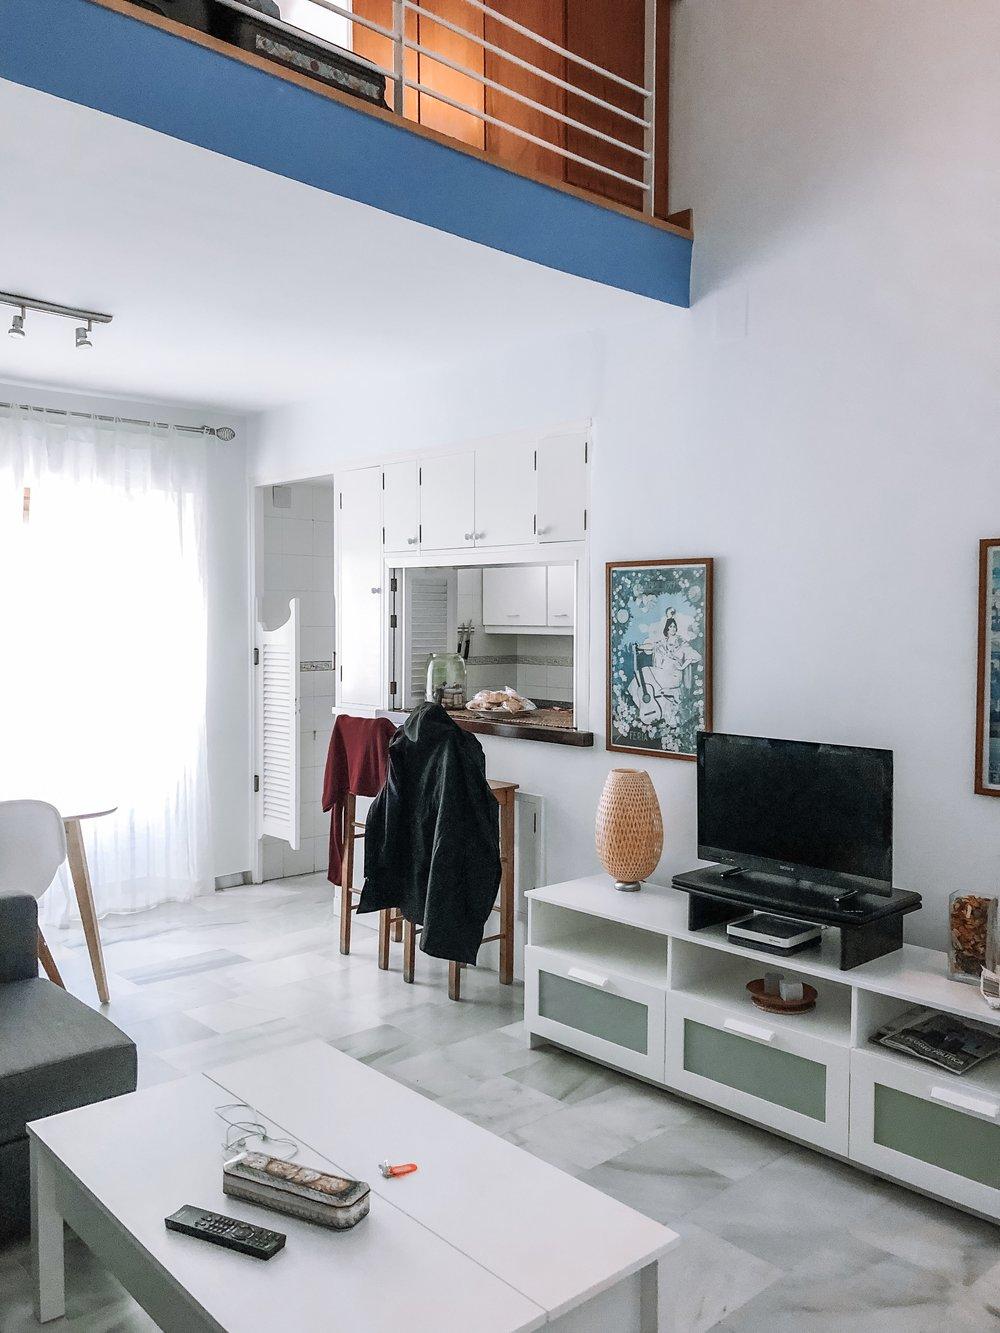 Seville, Spain airbnb – Kessler Ramirez